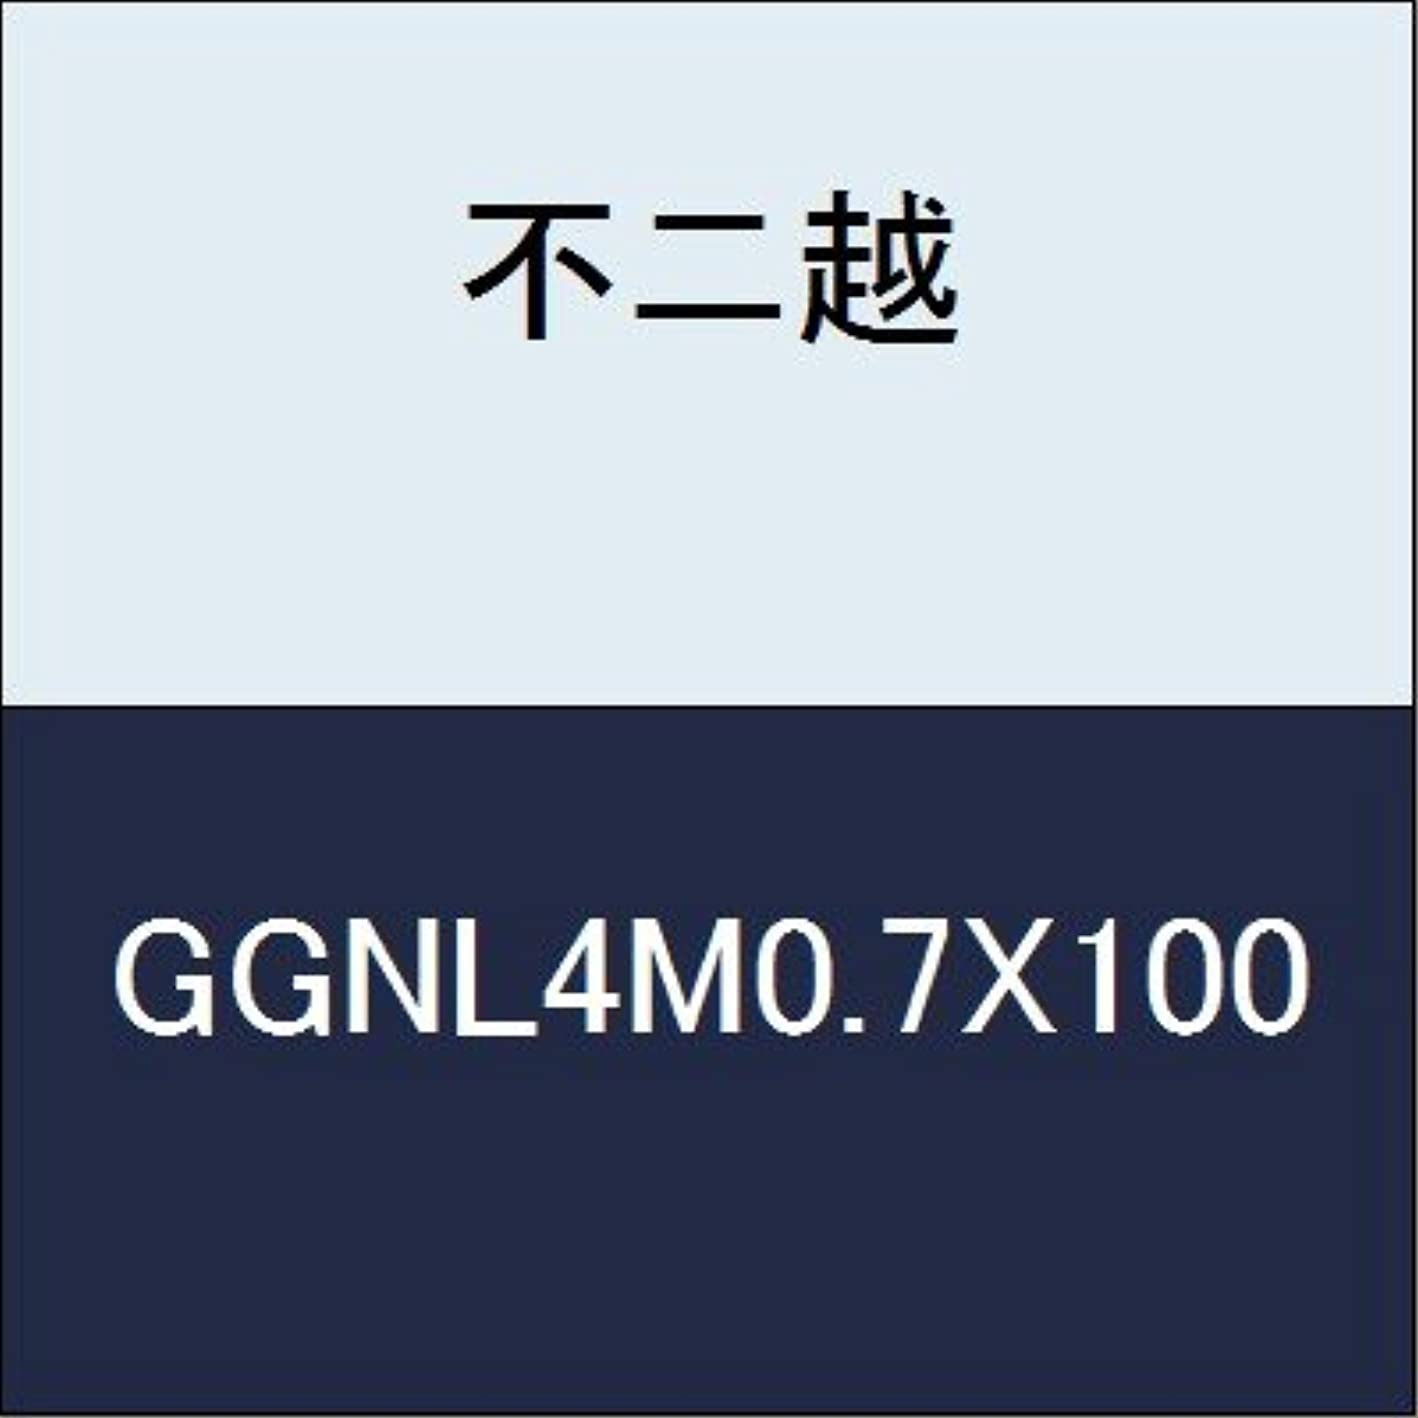 ノーブル配る提供不二越 切削工具 Gガンタップロング GGNL4M0.7X100